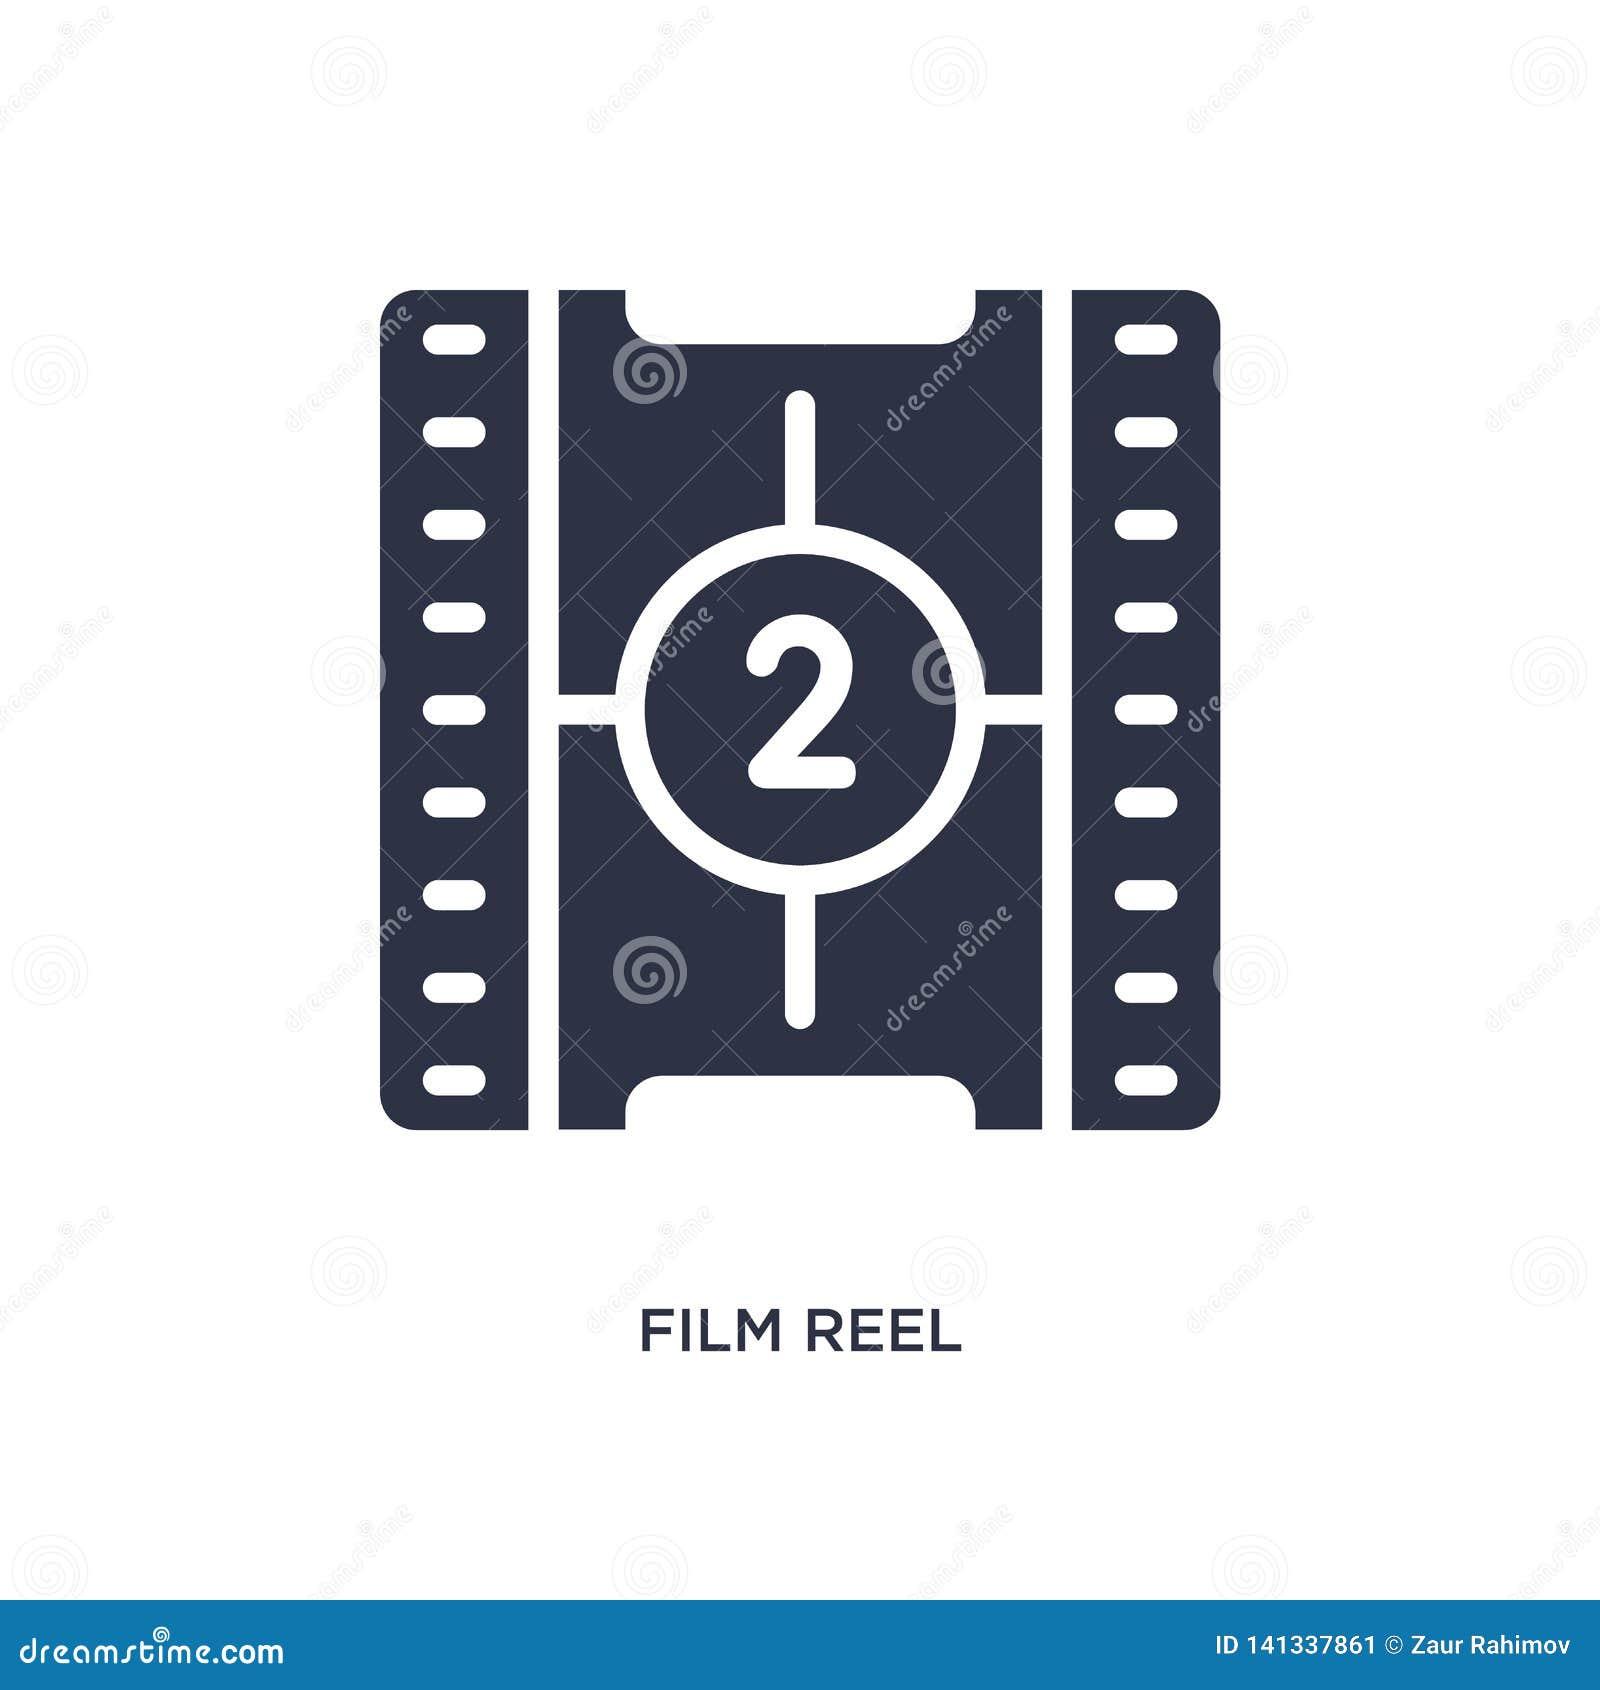 αντίστροφη μέτρηση αριθμός 2 εξελίκτρων ταινιών εικονίδιο στο άσπρο υπόβαθρο Απλή απεικόνιση στοιχείων από την έννοια κινηματογρά